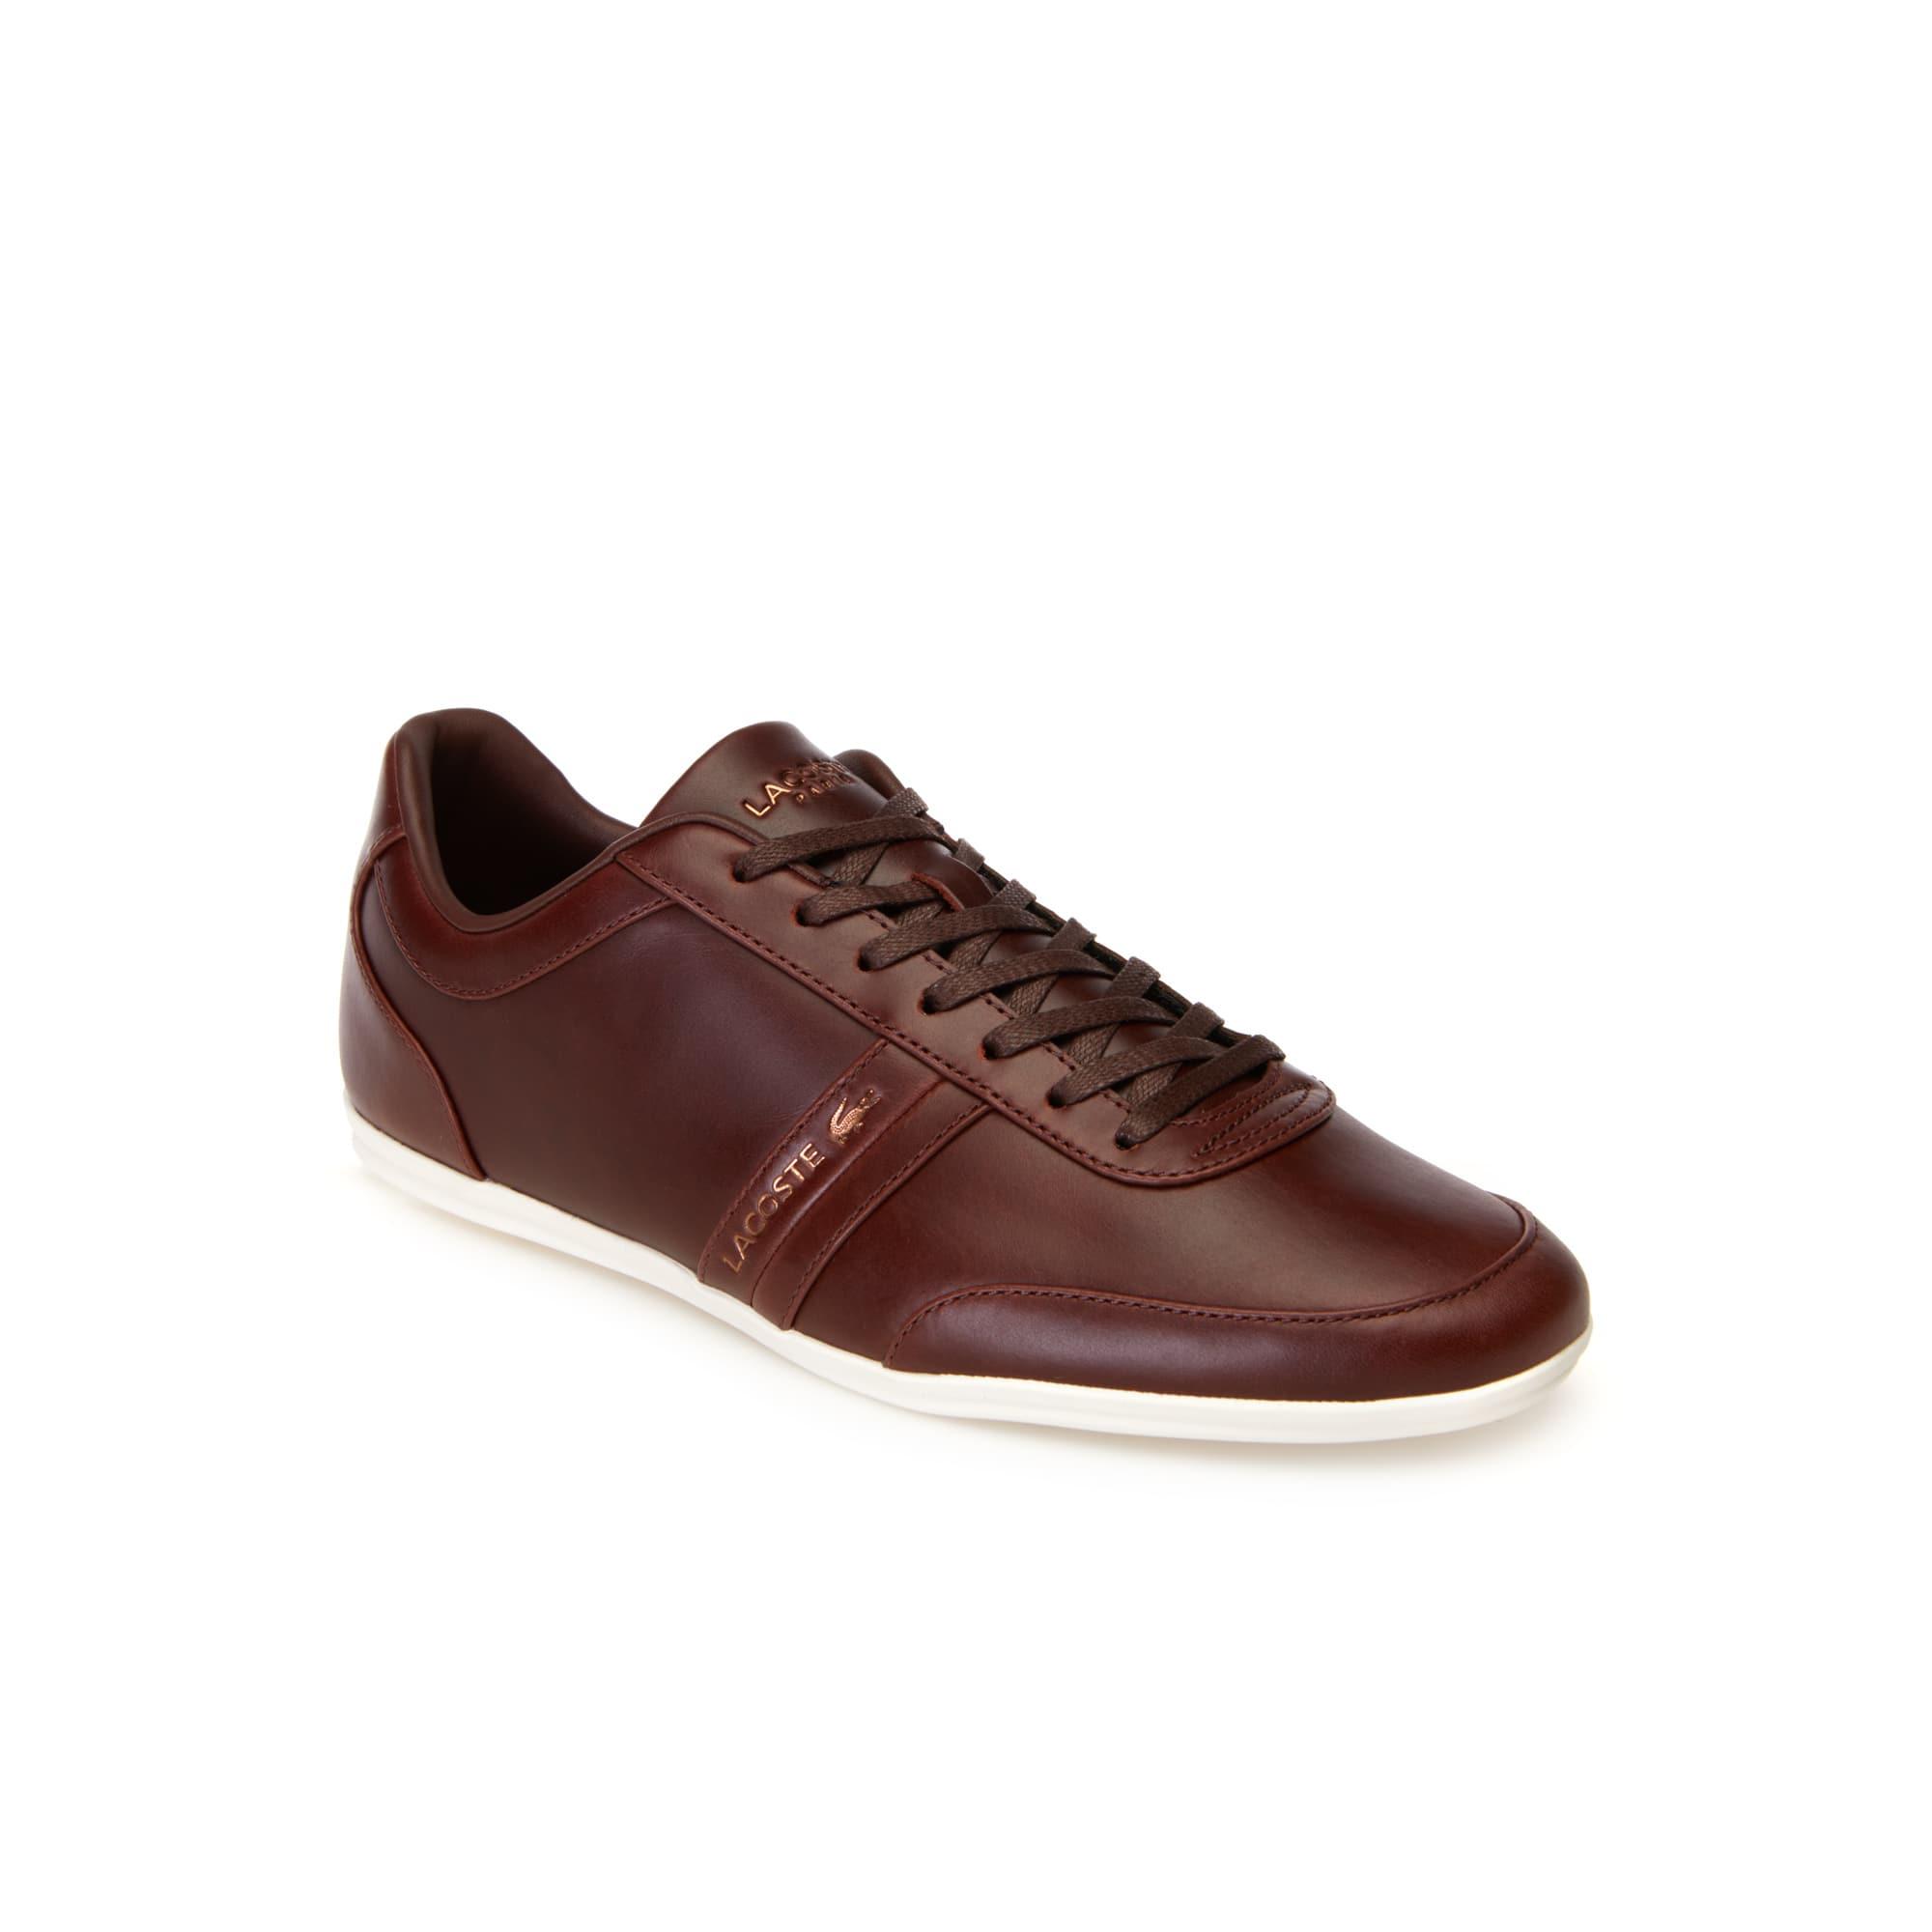 Herren-Sneakers STORDA aus Leder